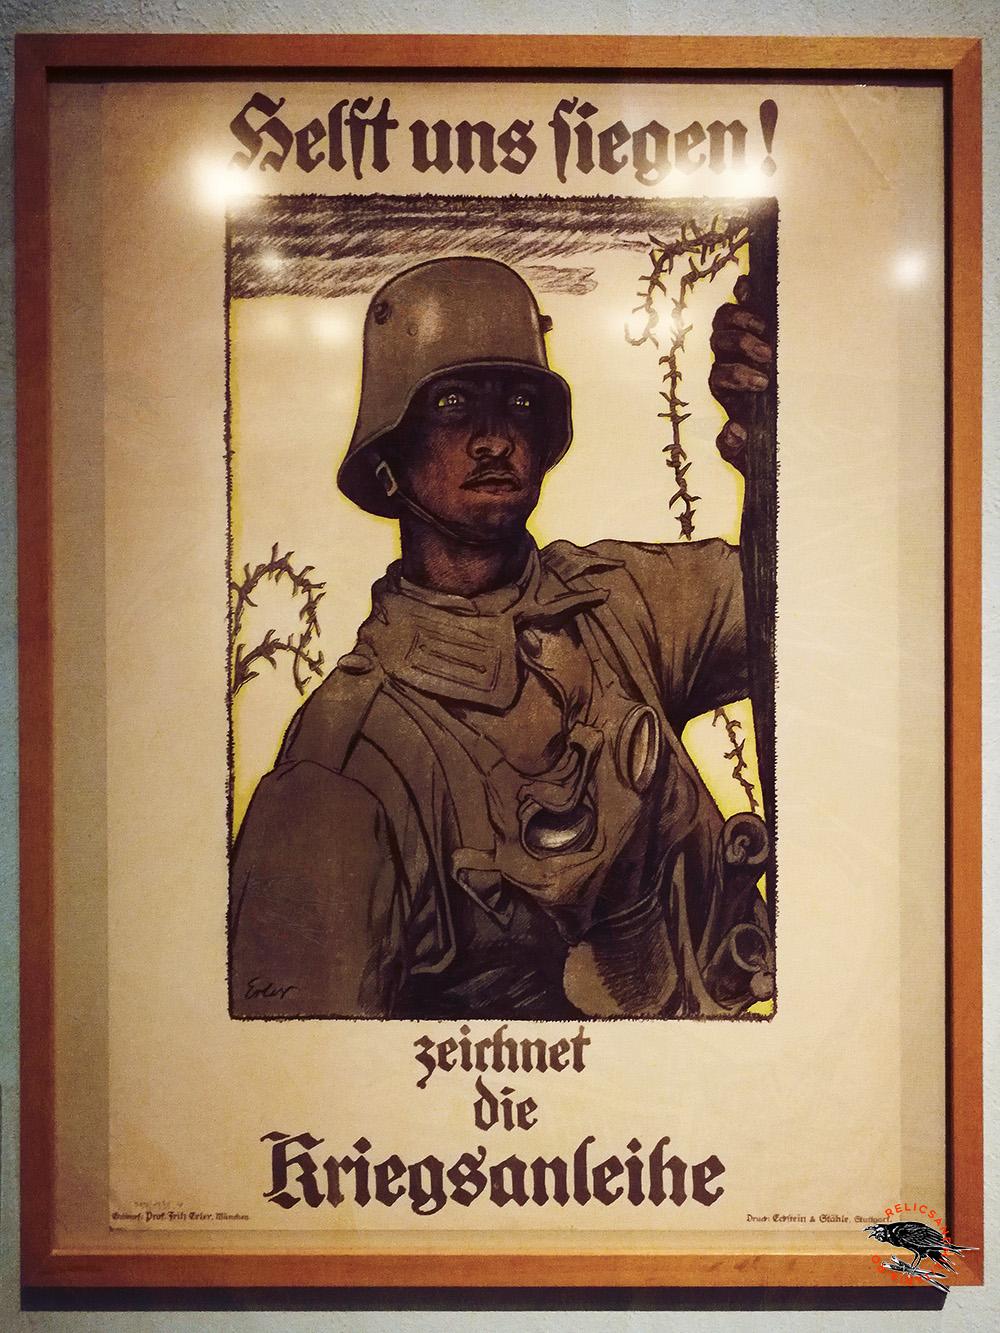 German ww1 poster